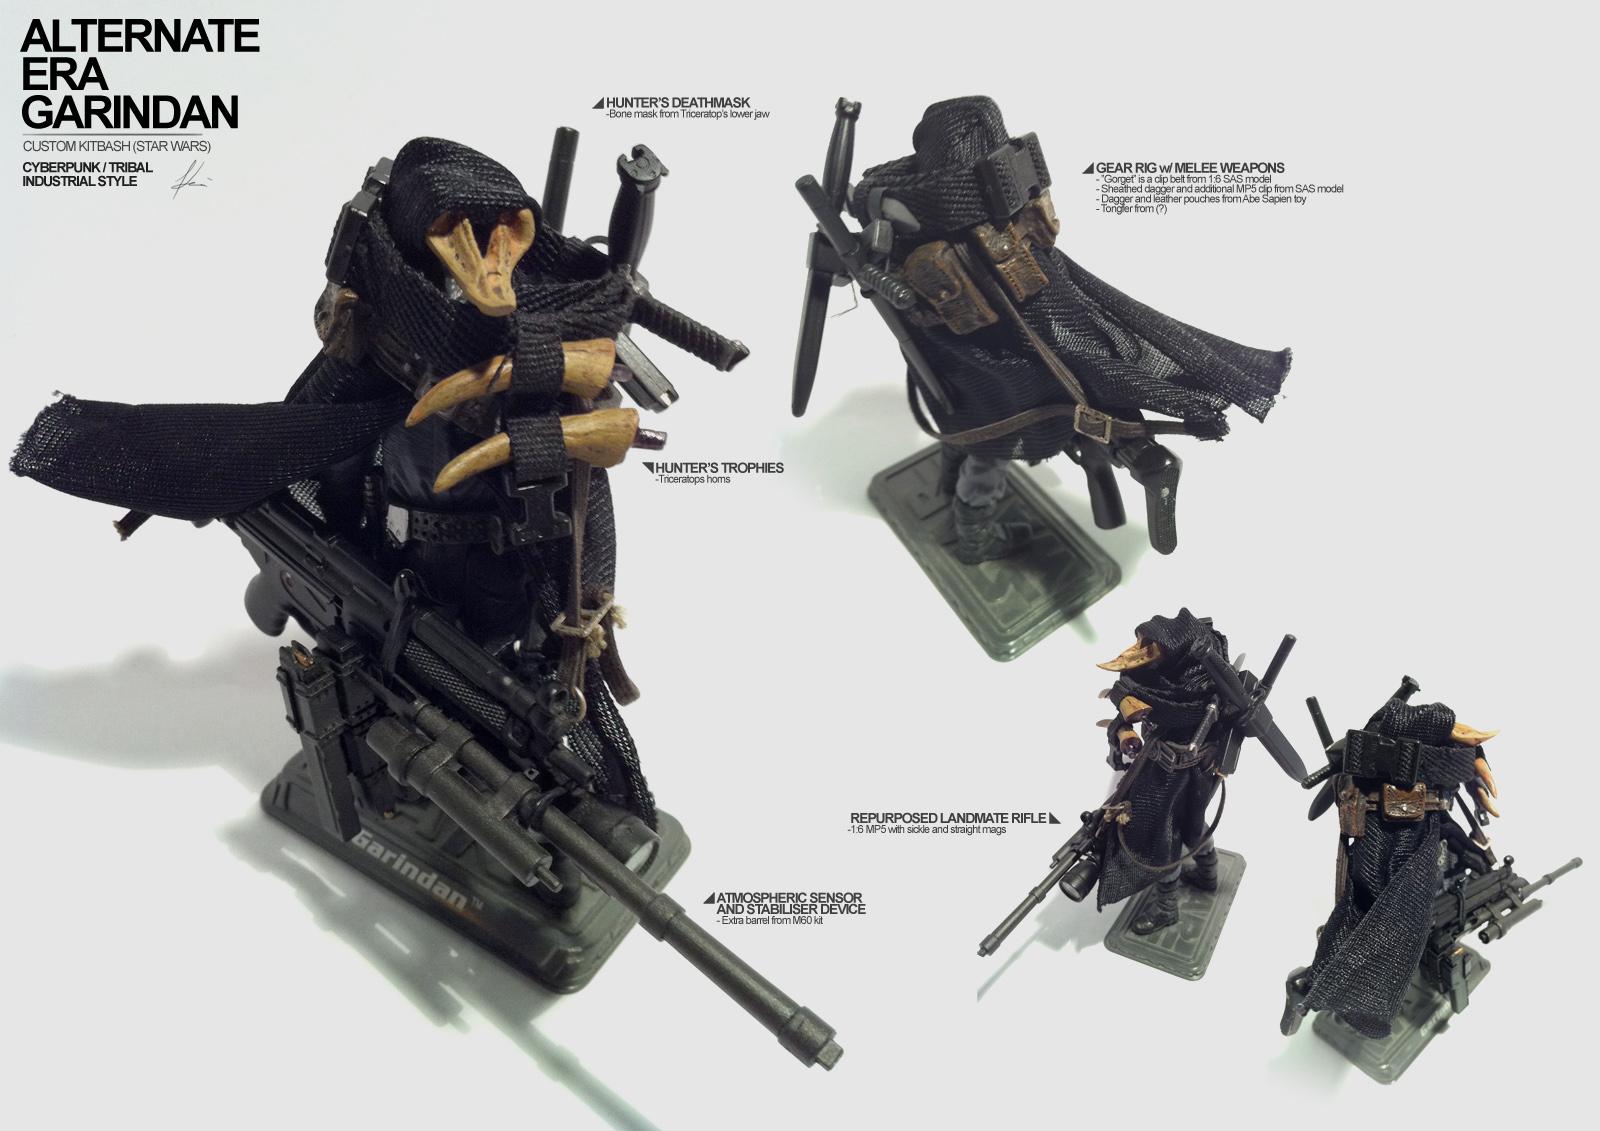 KITBASHED: Garindan Mk2 by ukitakumuki